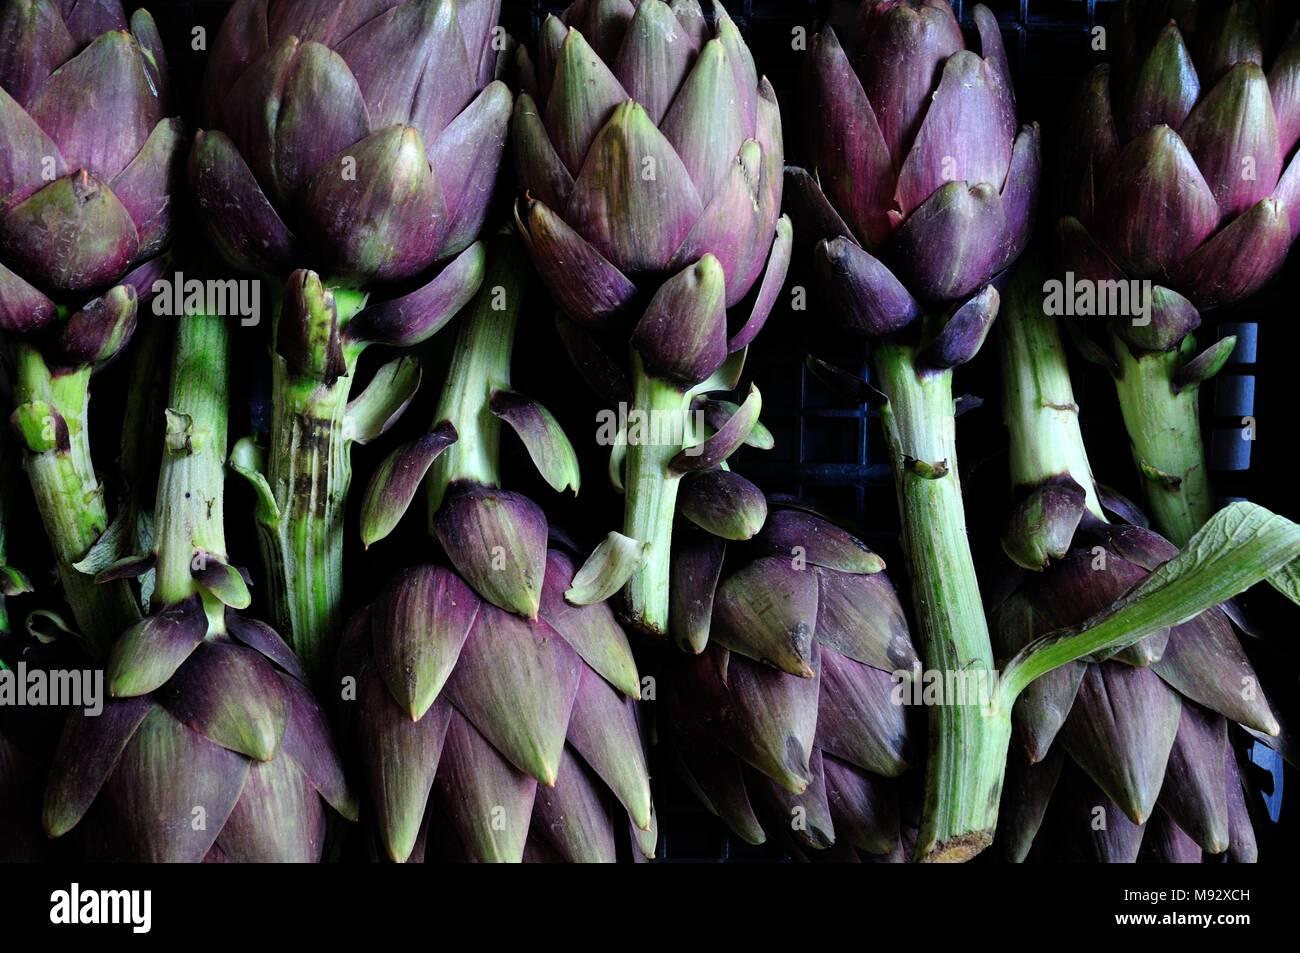 9 alcachofas orgánica verde sobre fondo gris, vista superior. Una dieta saludable y antioxidante de hortalizas. Imagen De Stock